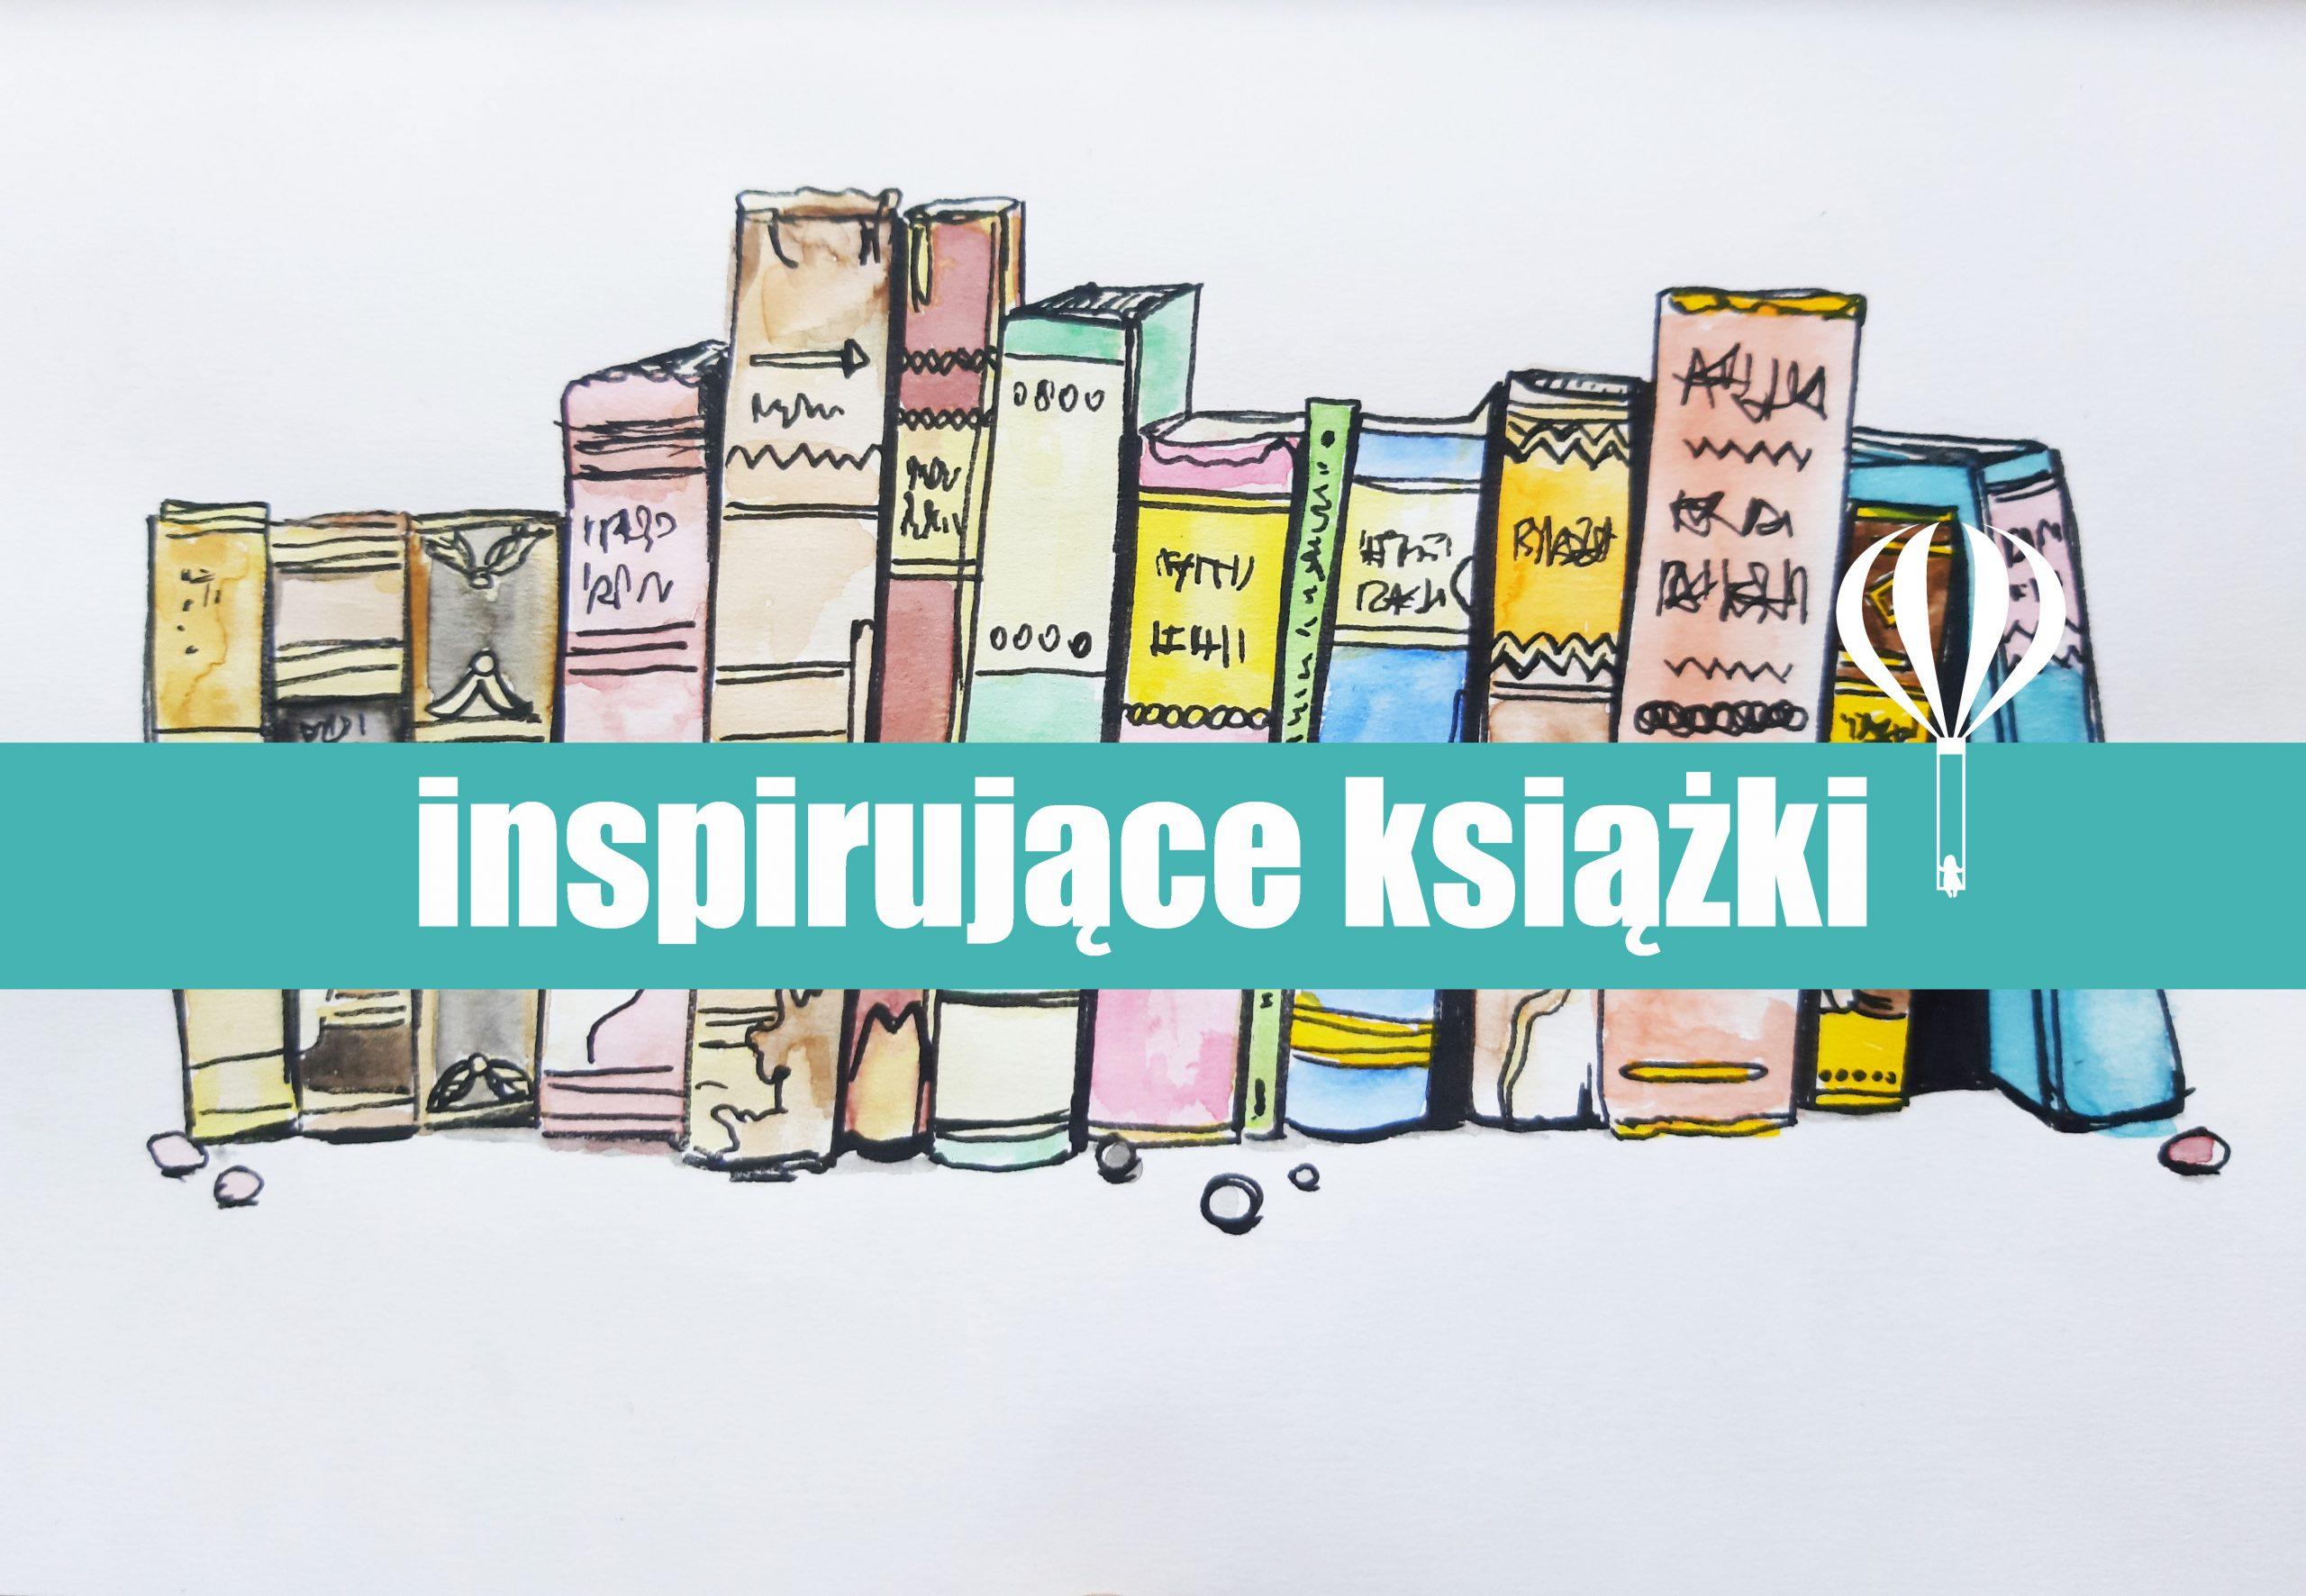 inspirujące książki